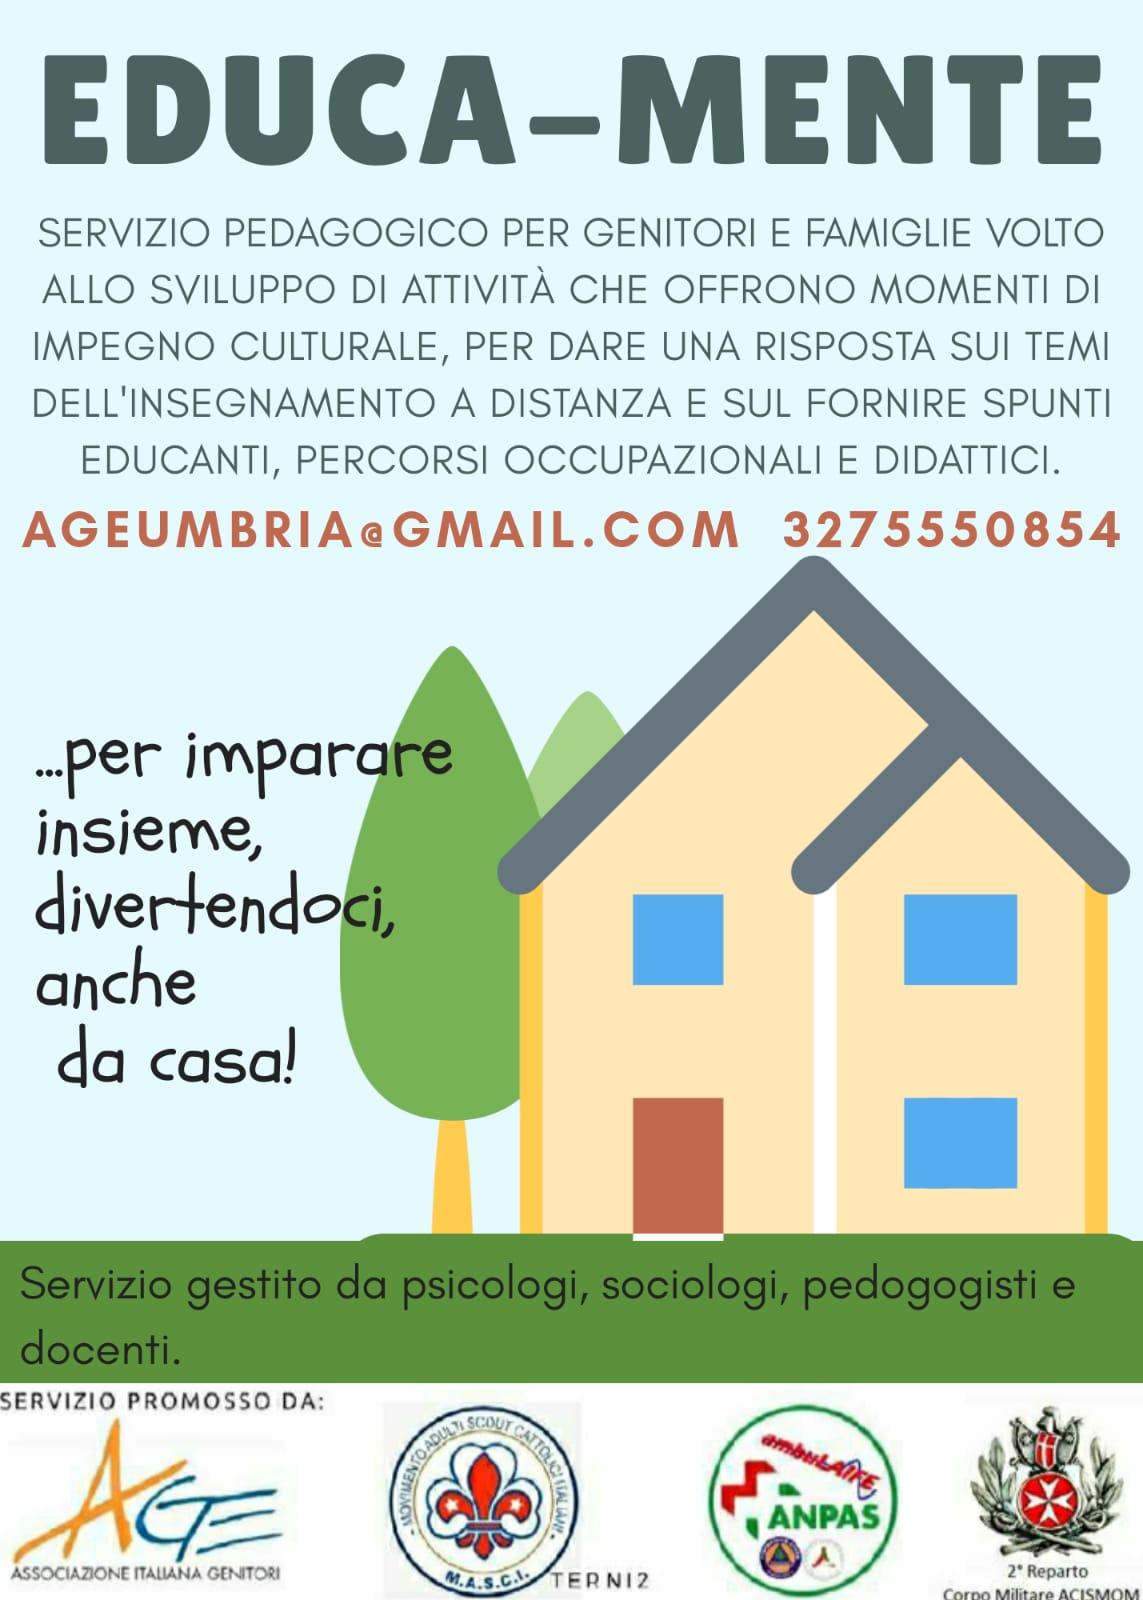 Educa-Mente, il progetto di Age Umbria per bambini e giovani adolescenti